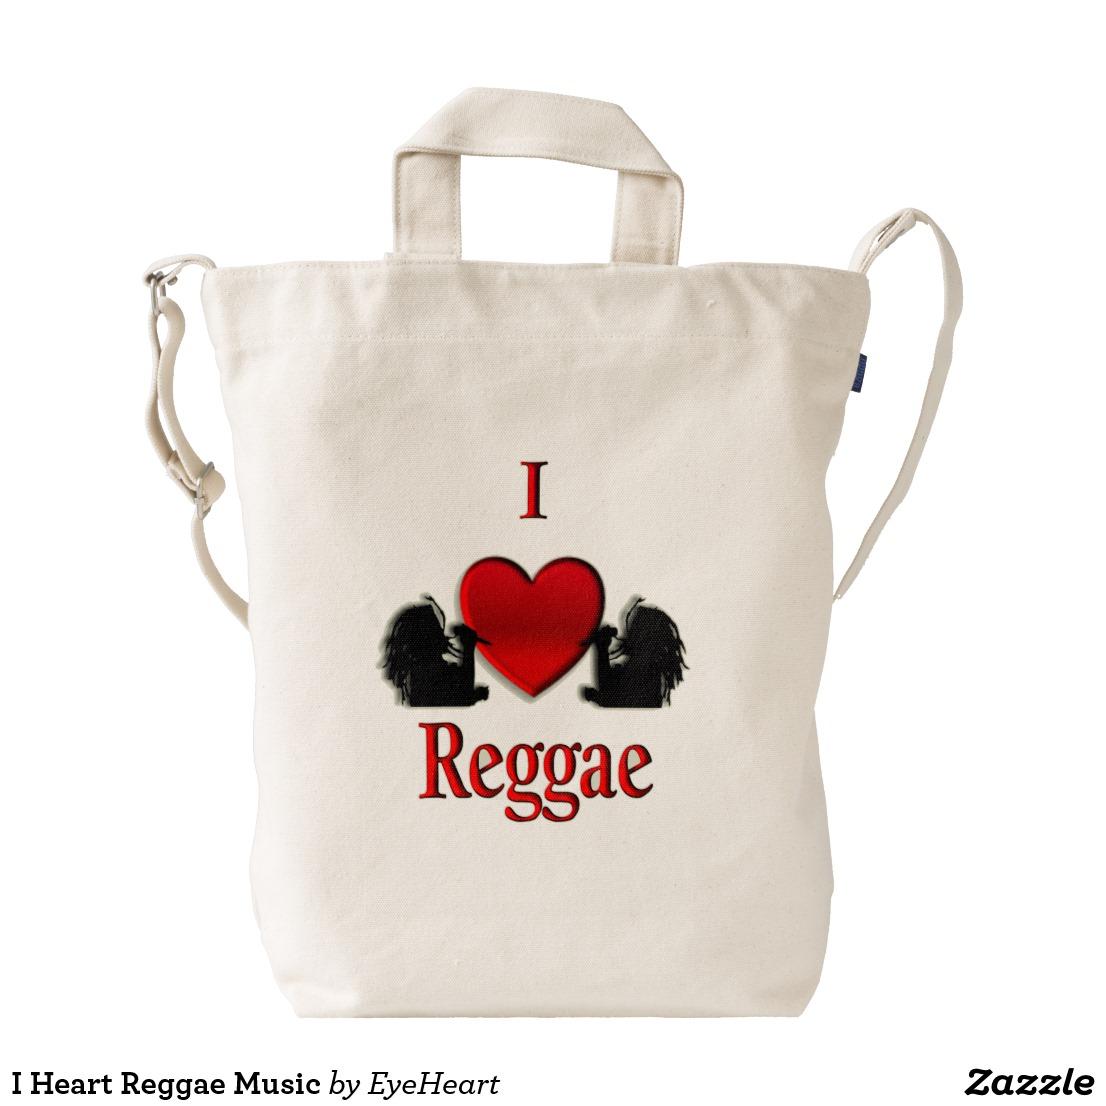 I Heart Reggae Music Duck Bag